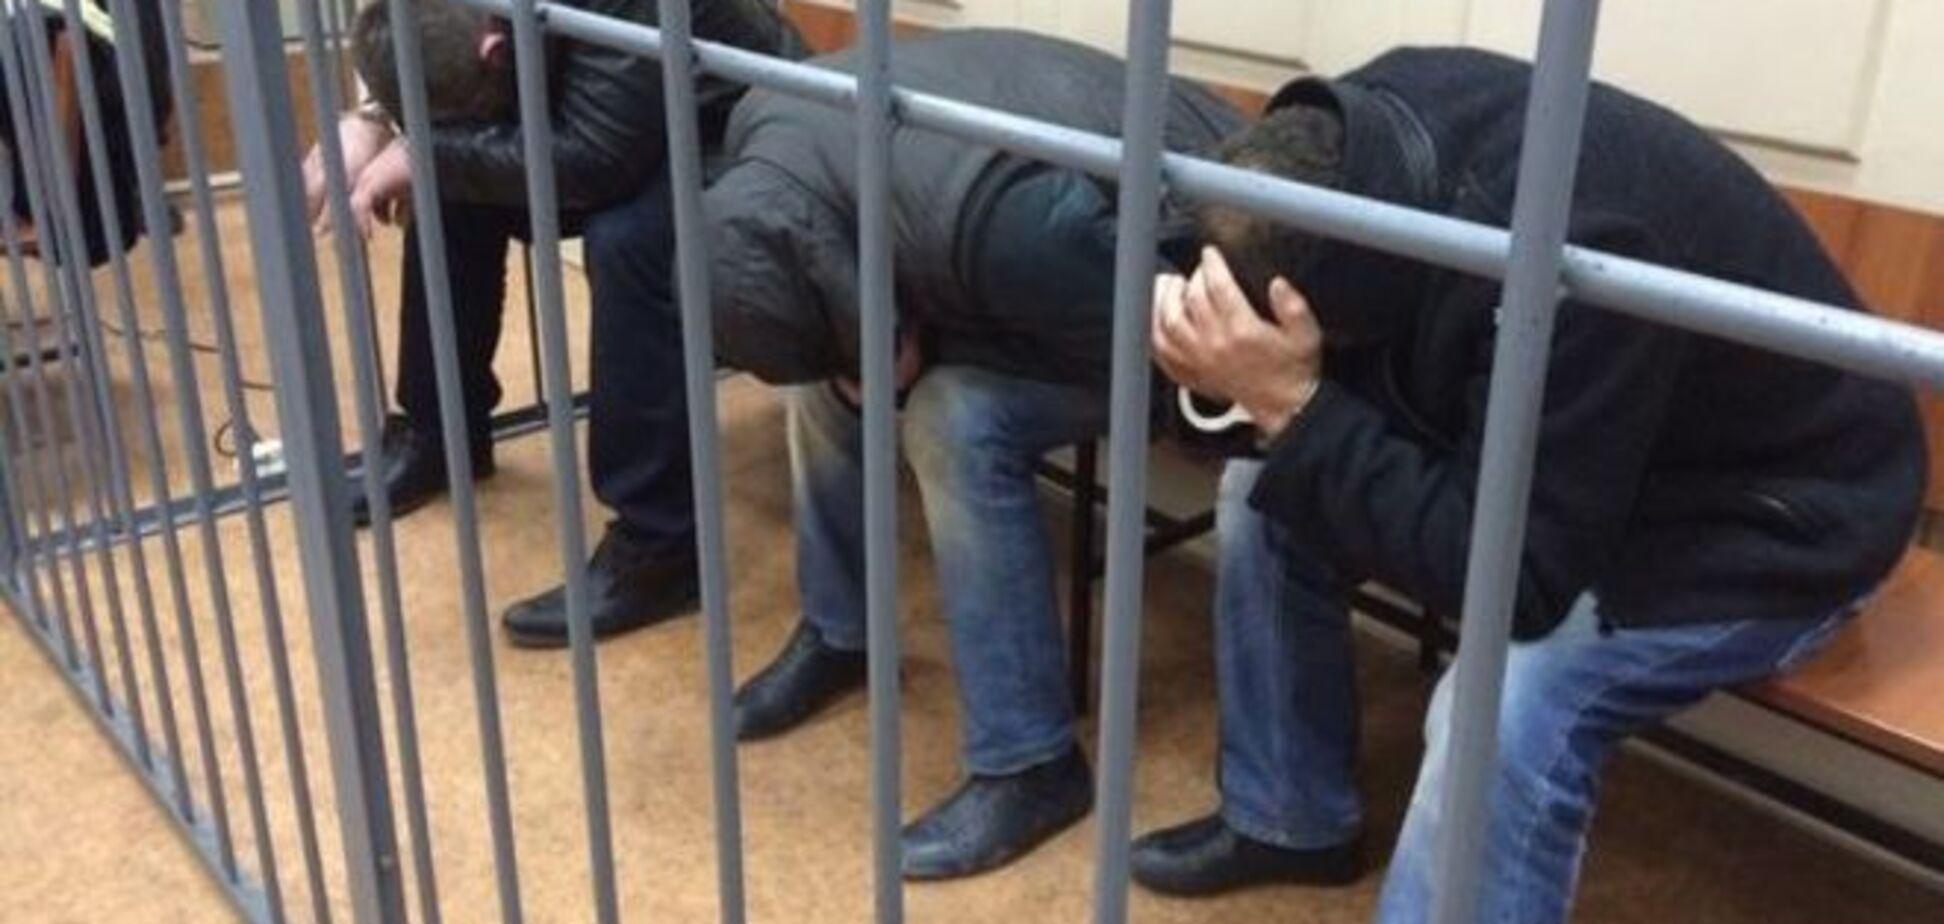 Обнародованы фамилии всех подозреваемых в убийстве Немцова